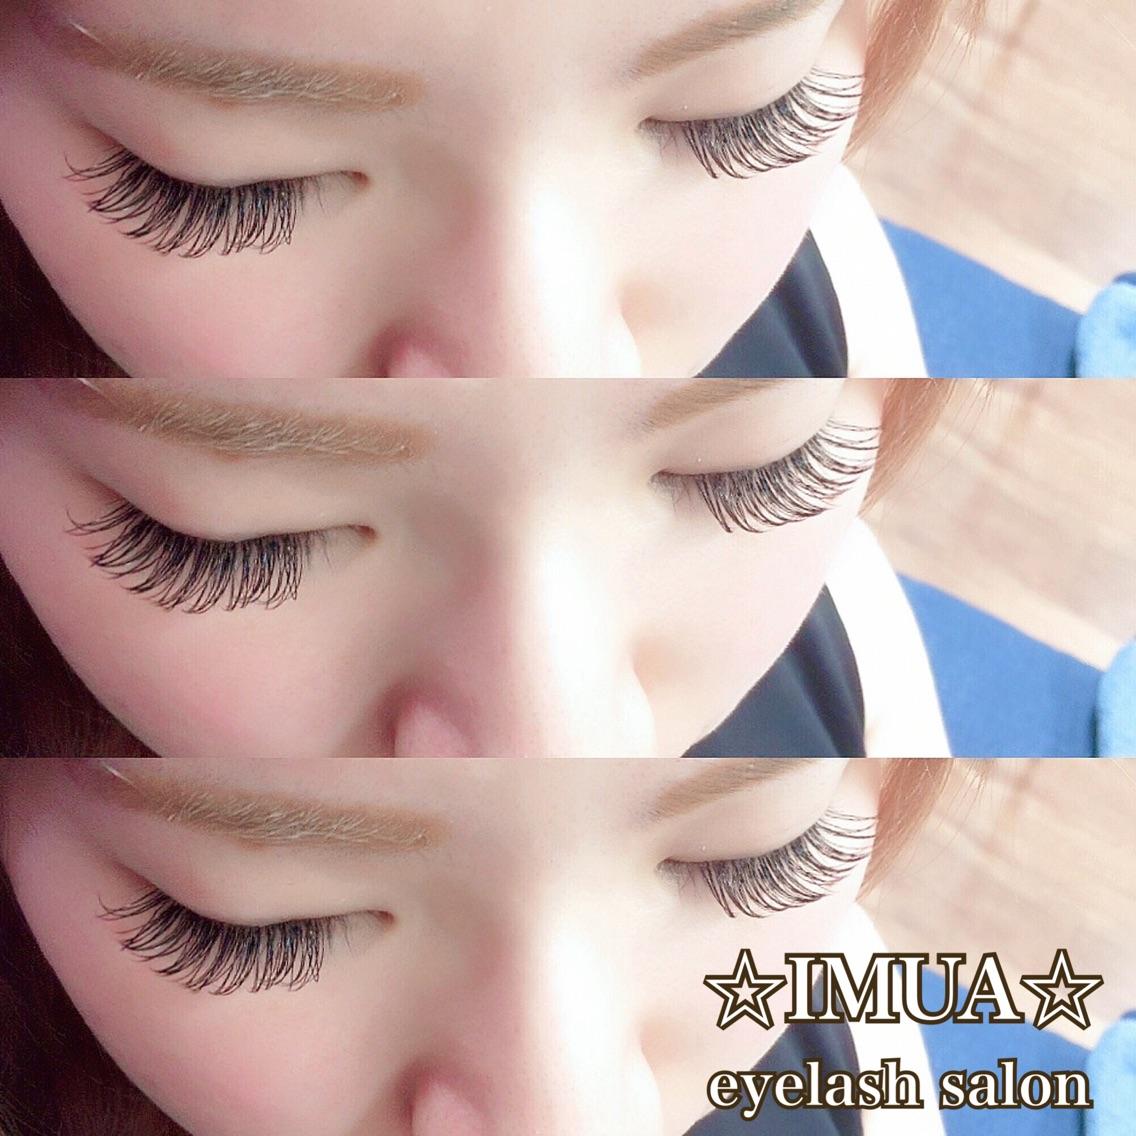 eyelashsalon☆IMUA☆